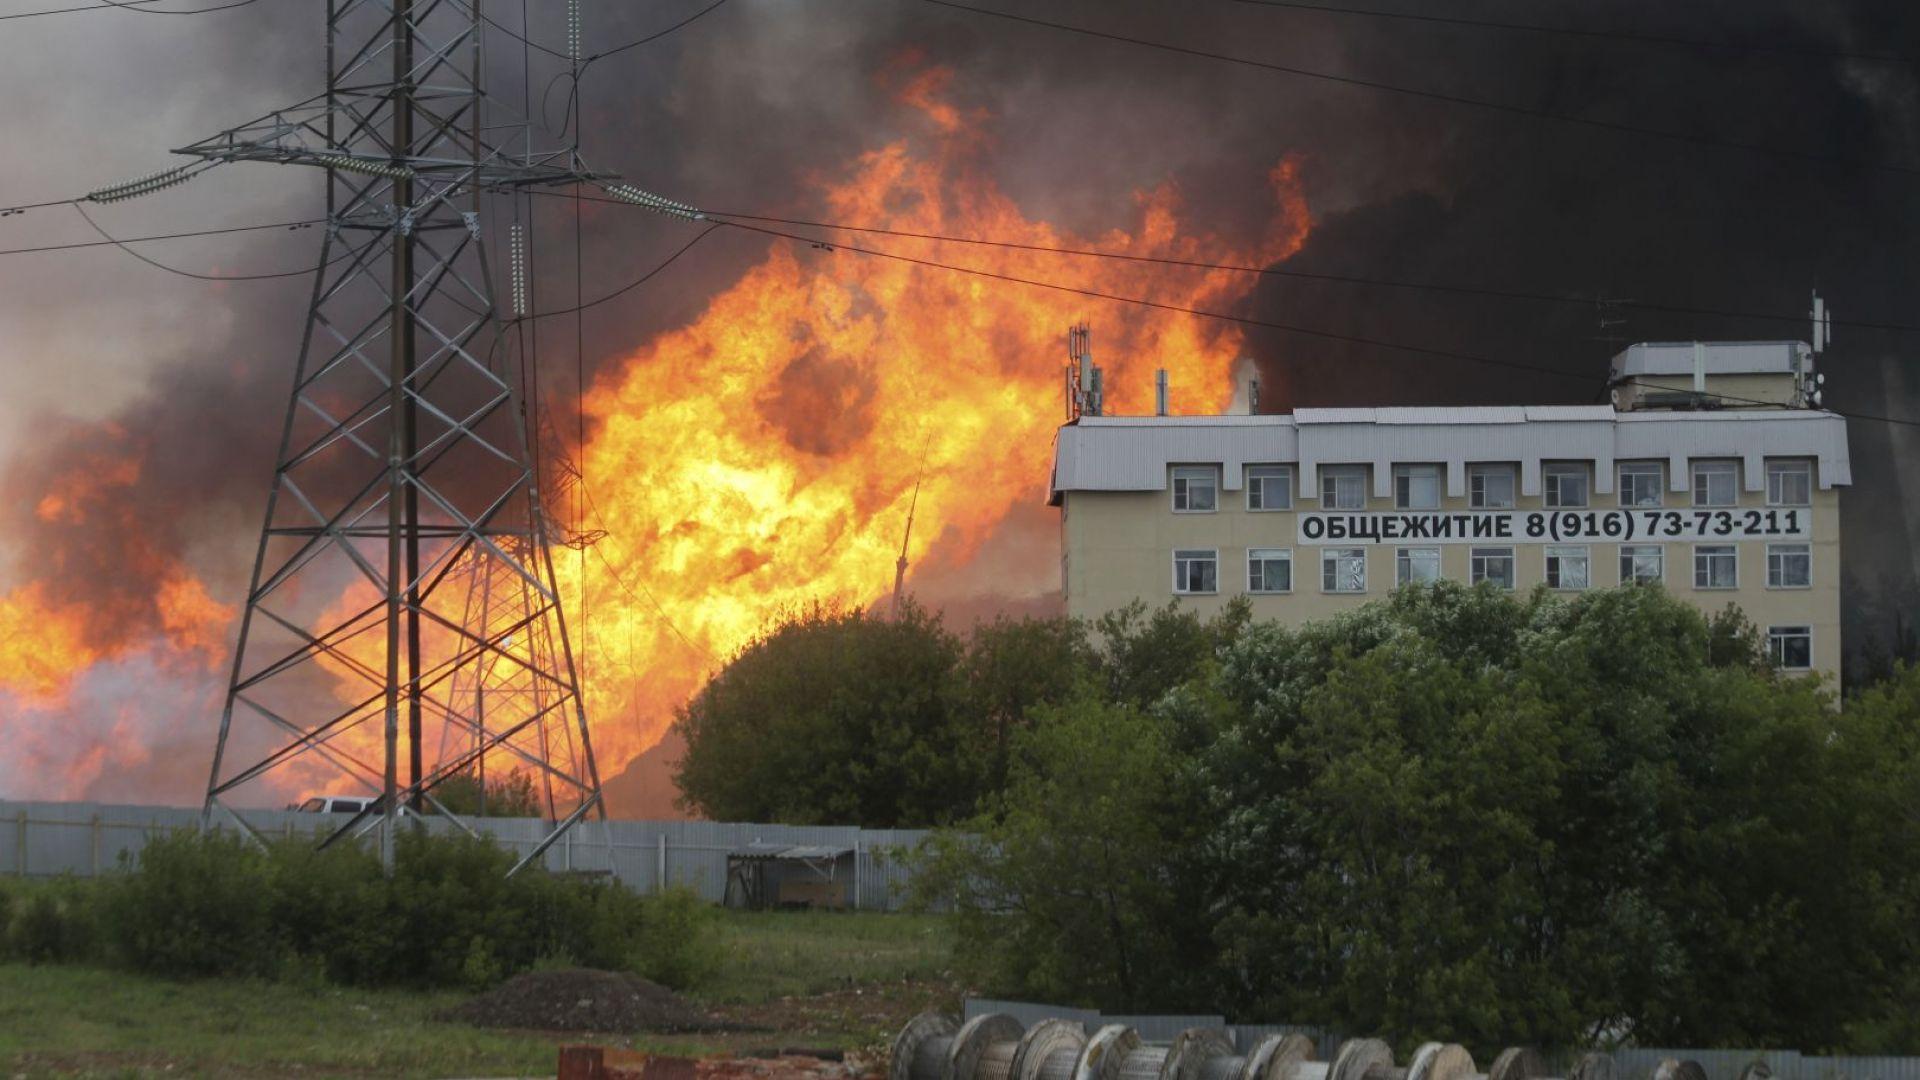 Една загинала и 13 ранени при пожара в руската ТЕЦ (видео)